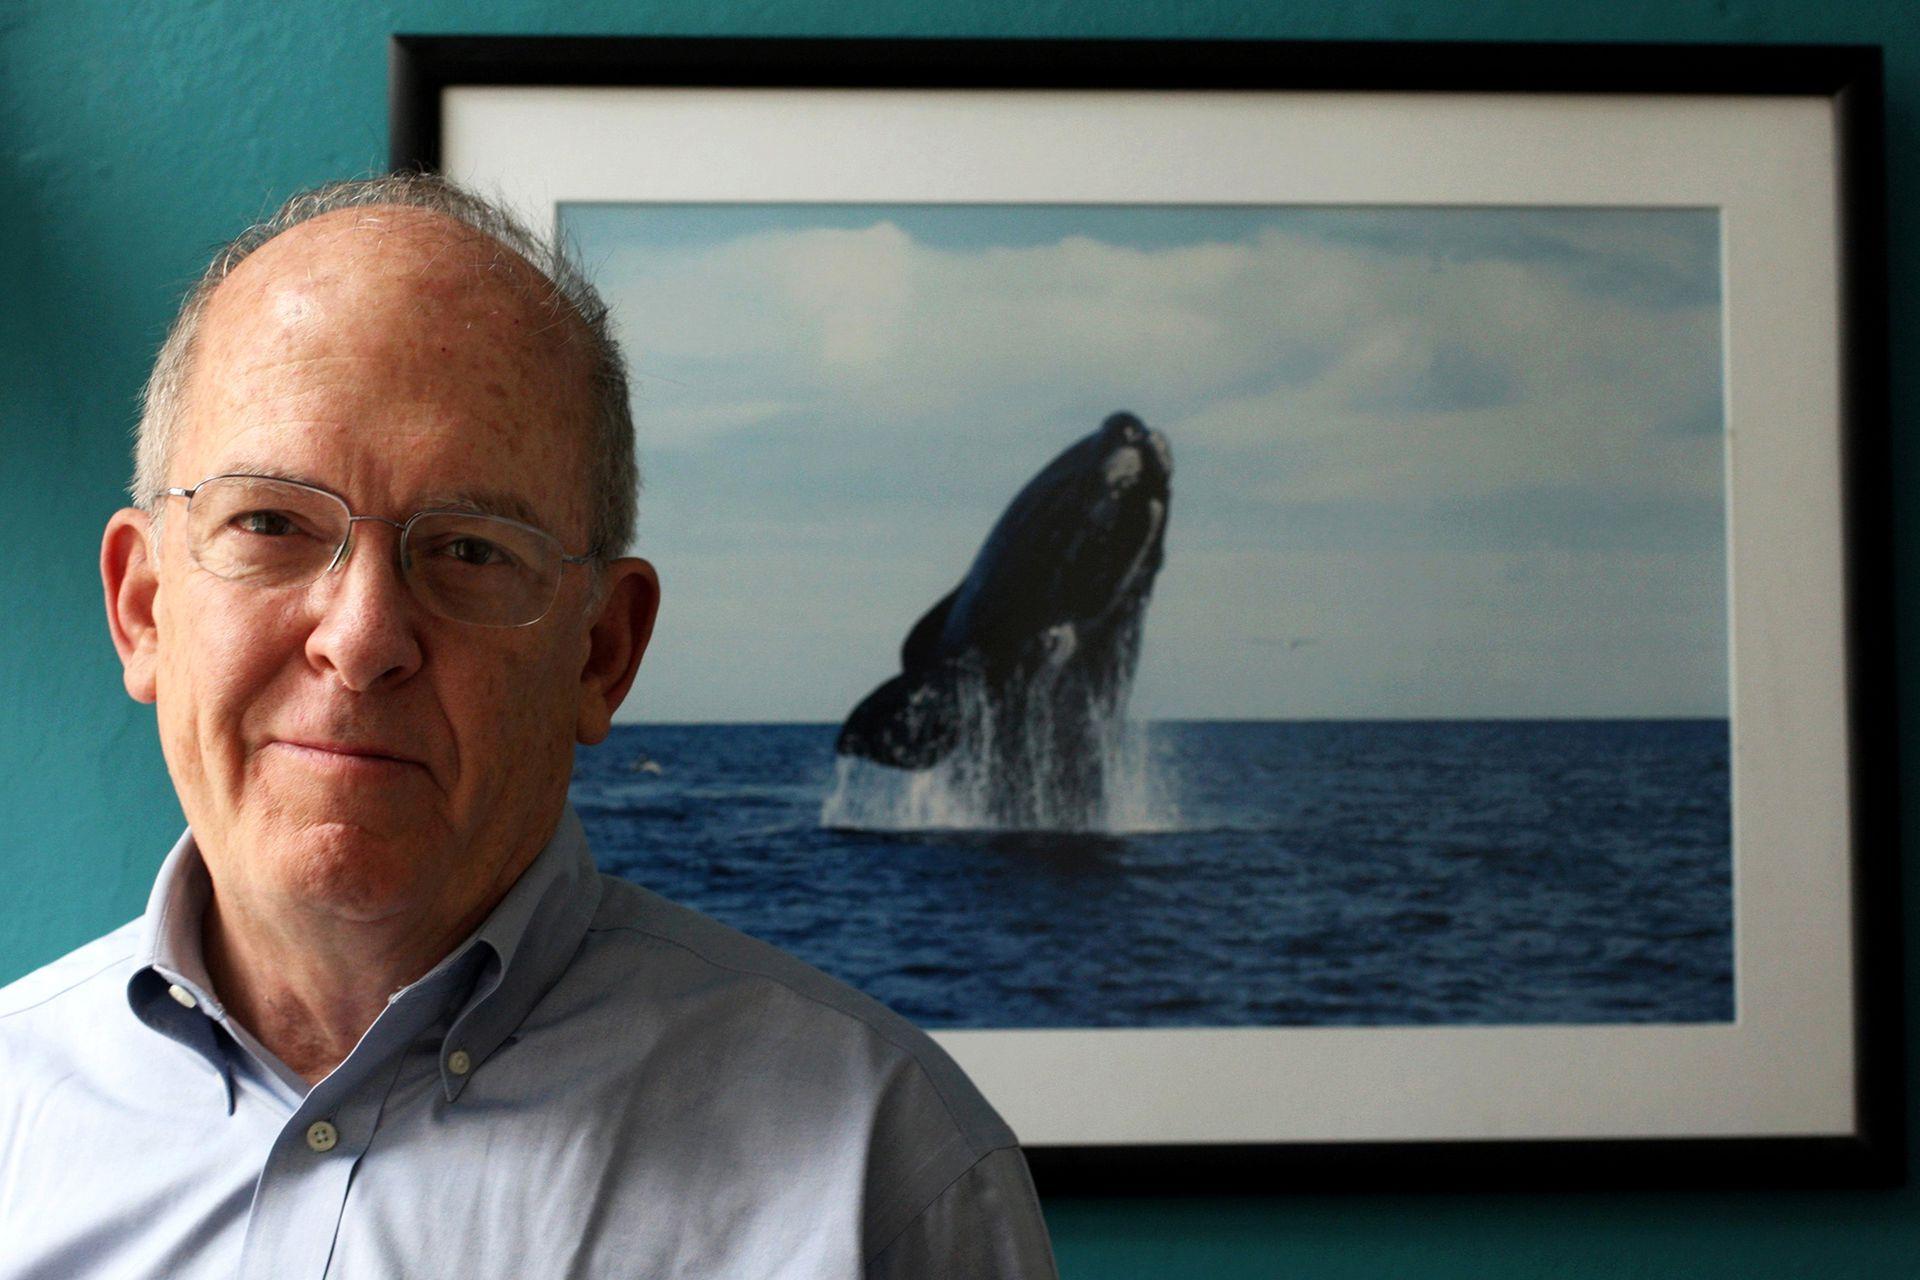 Roger Payne, es Presidente y fundador del Ocean Alliance. Desde 1967 ha estudiado el comportamiento de las ballenas, condujo más de 100 expediciones en todos los océanos